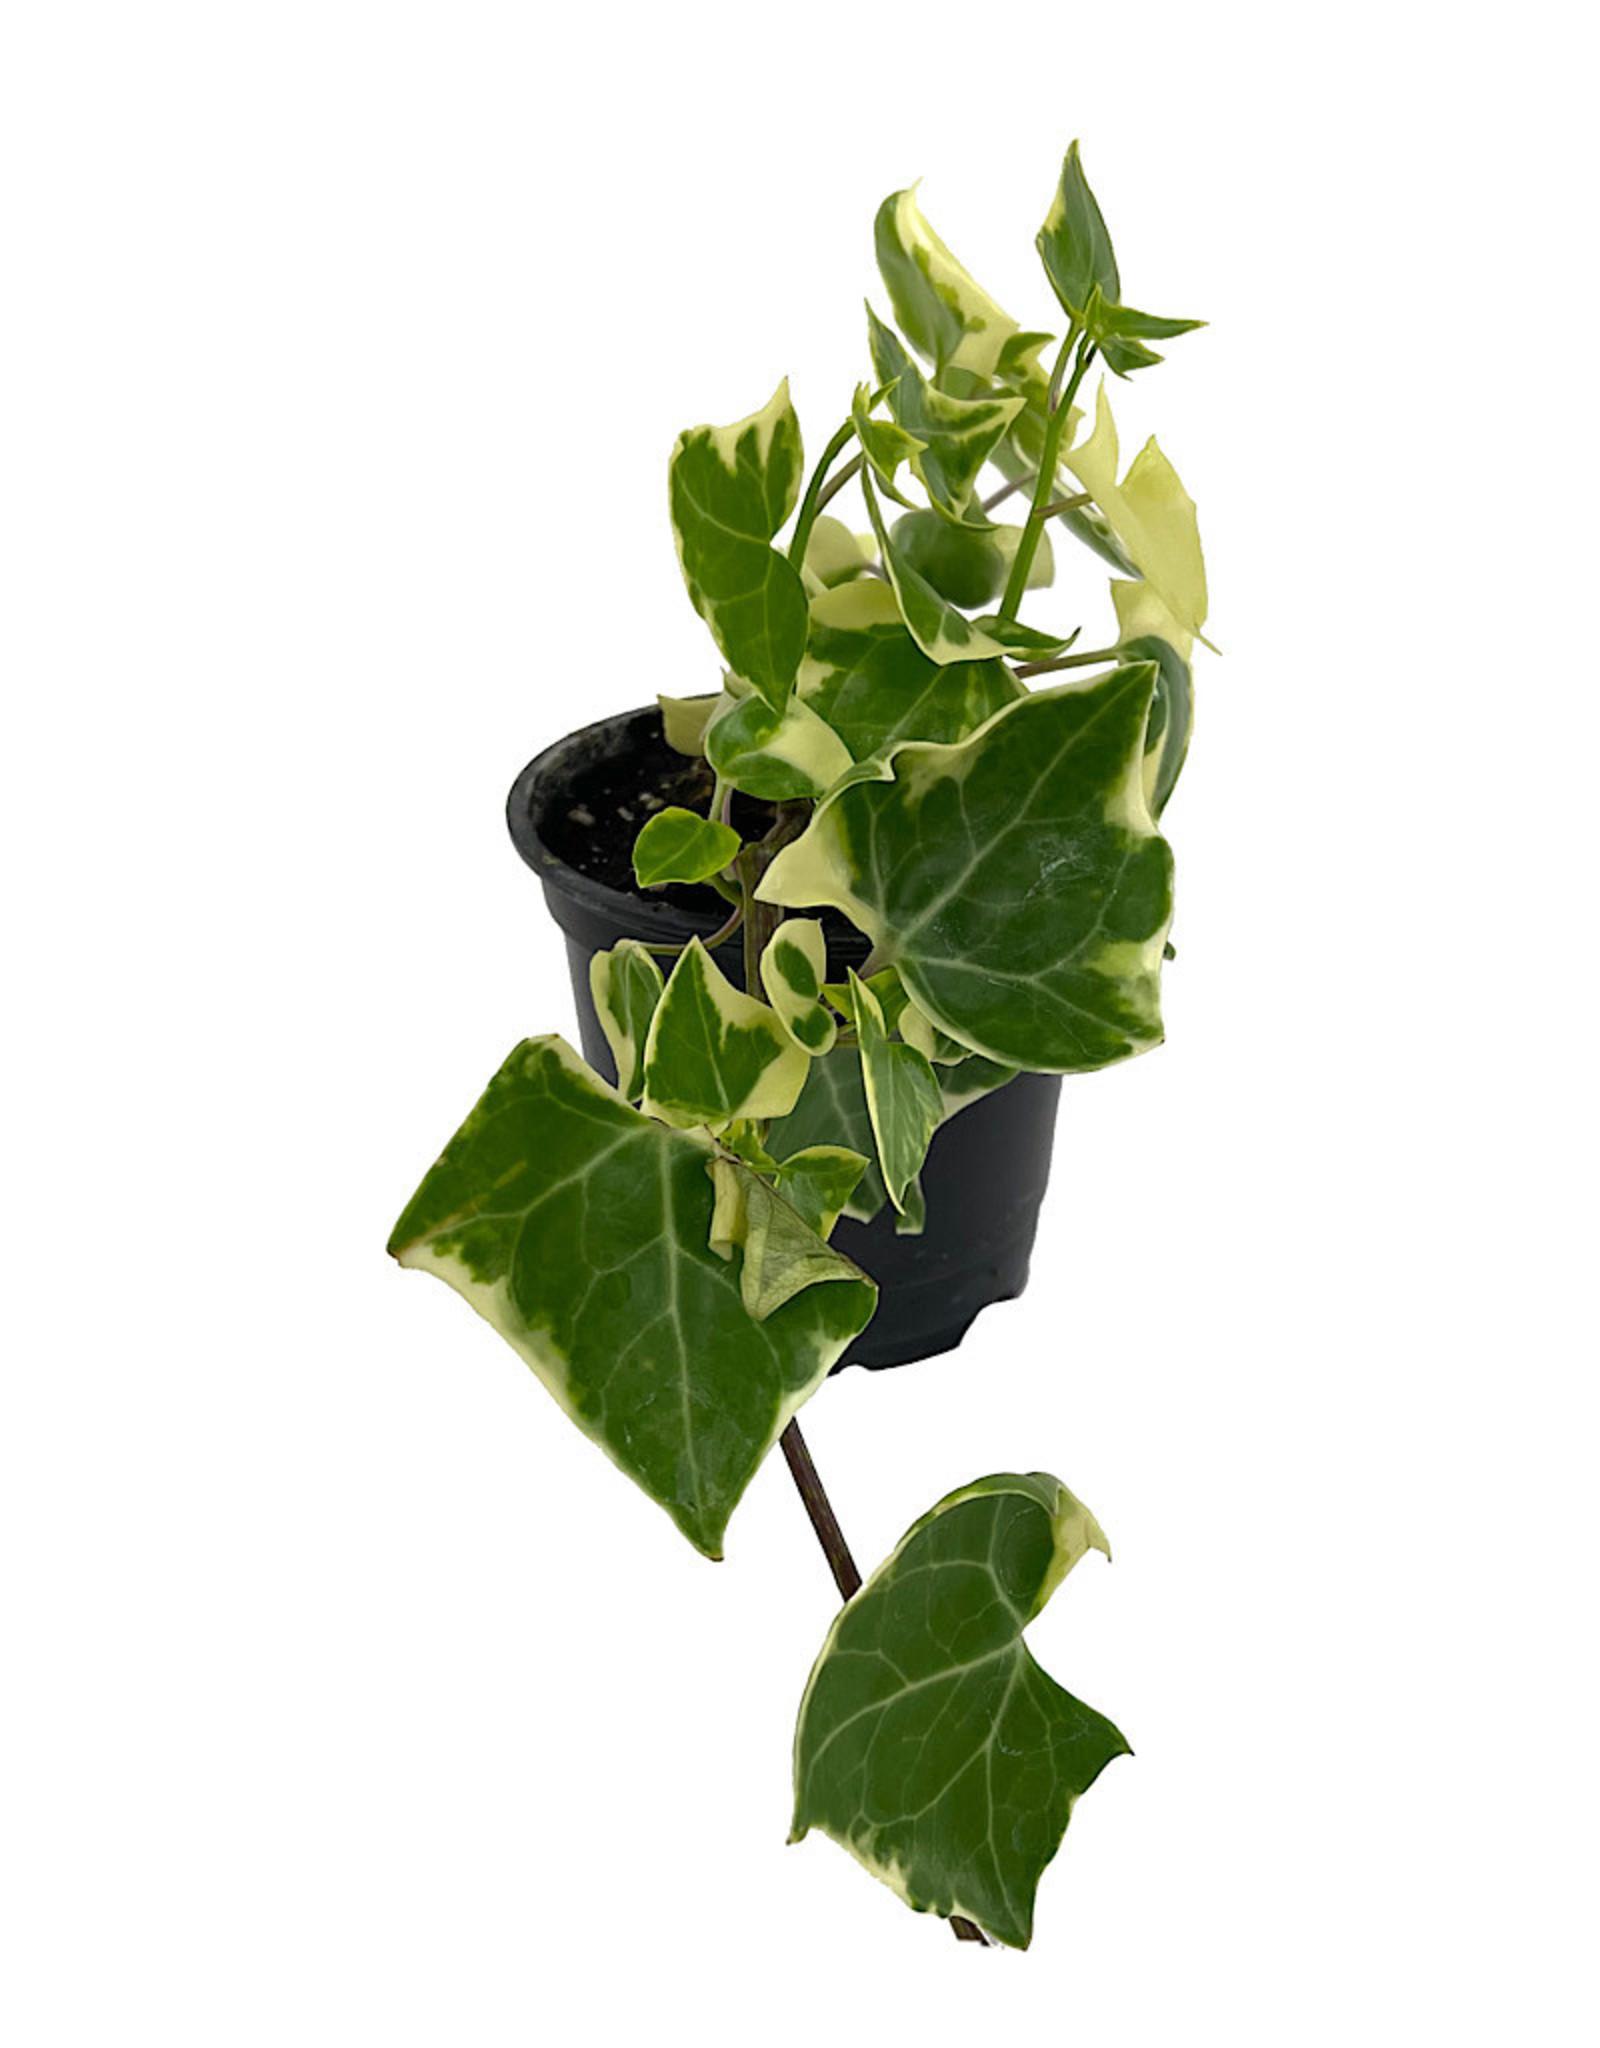 Senecio macroglossus 'Wax Ivy' 4 Inch